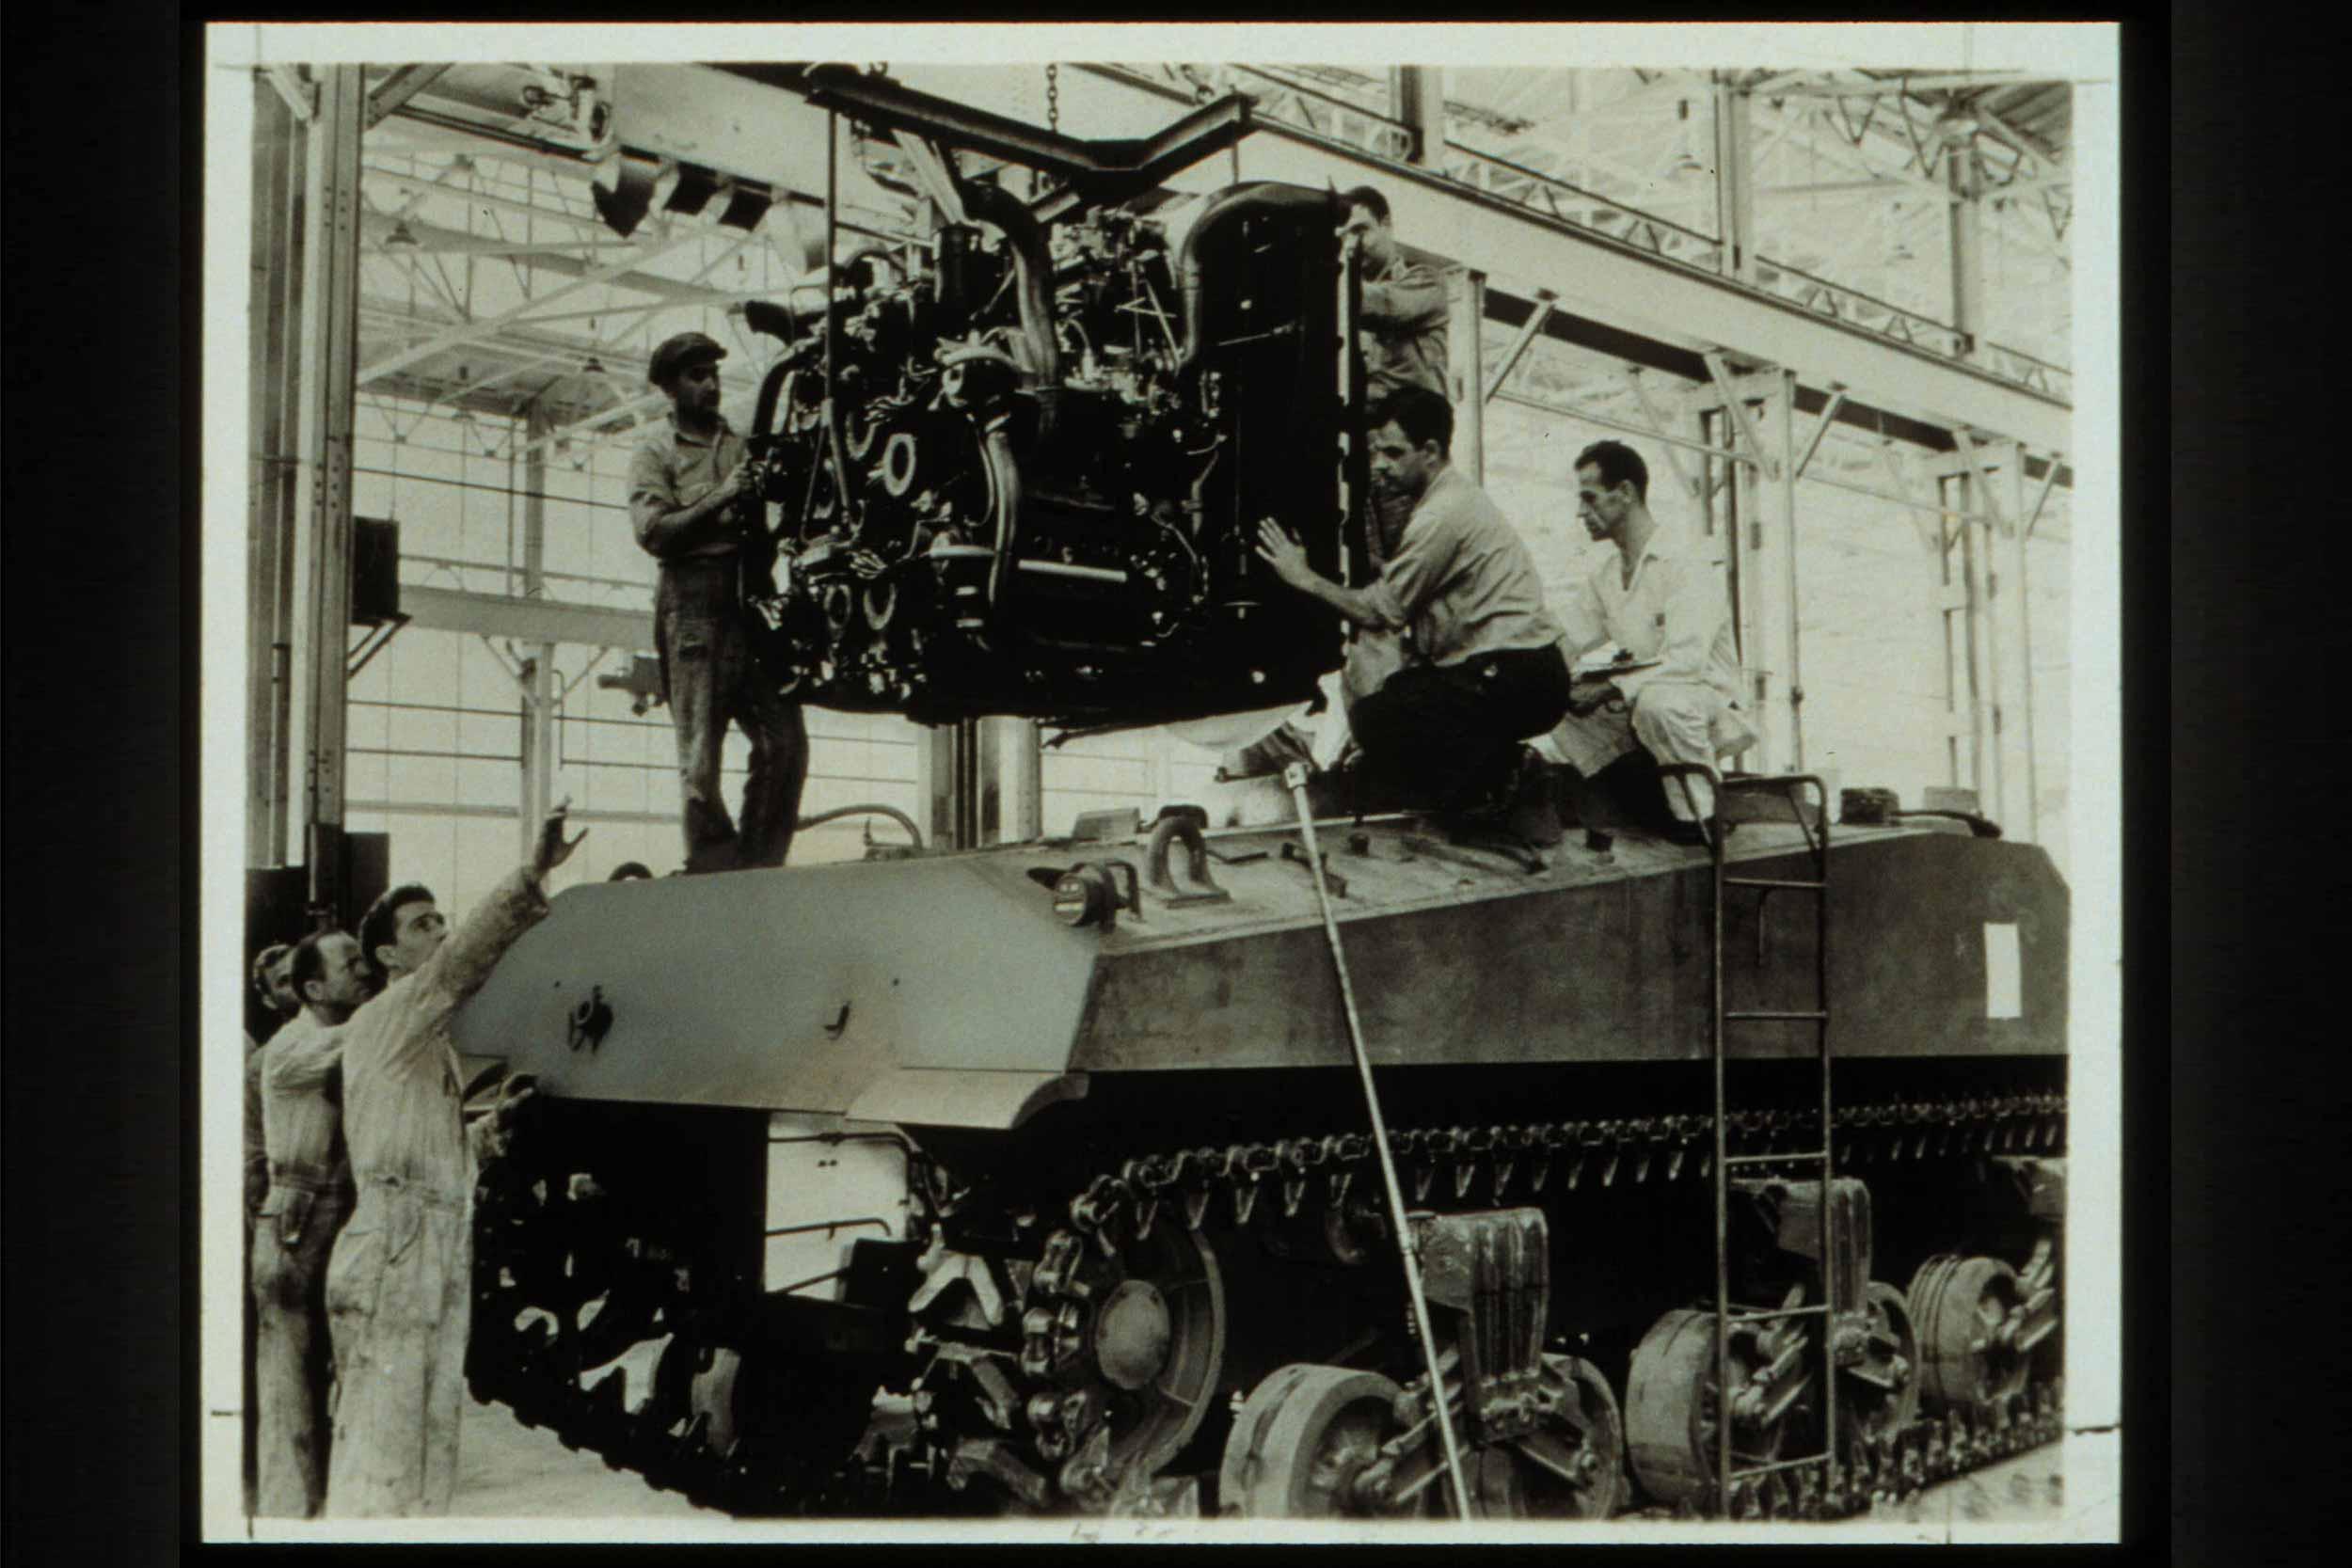 Chrysler Tanks